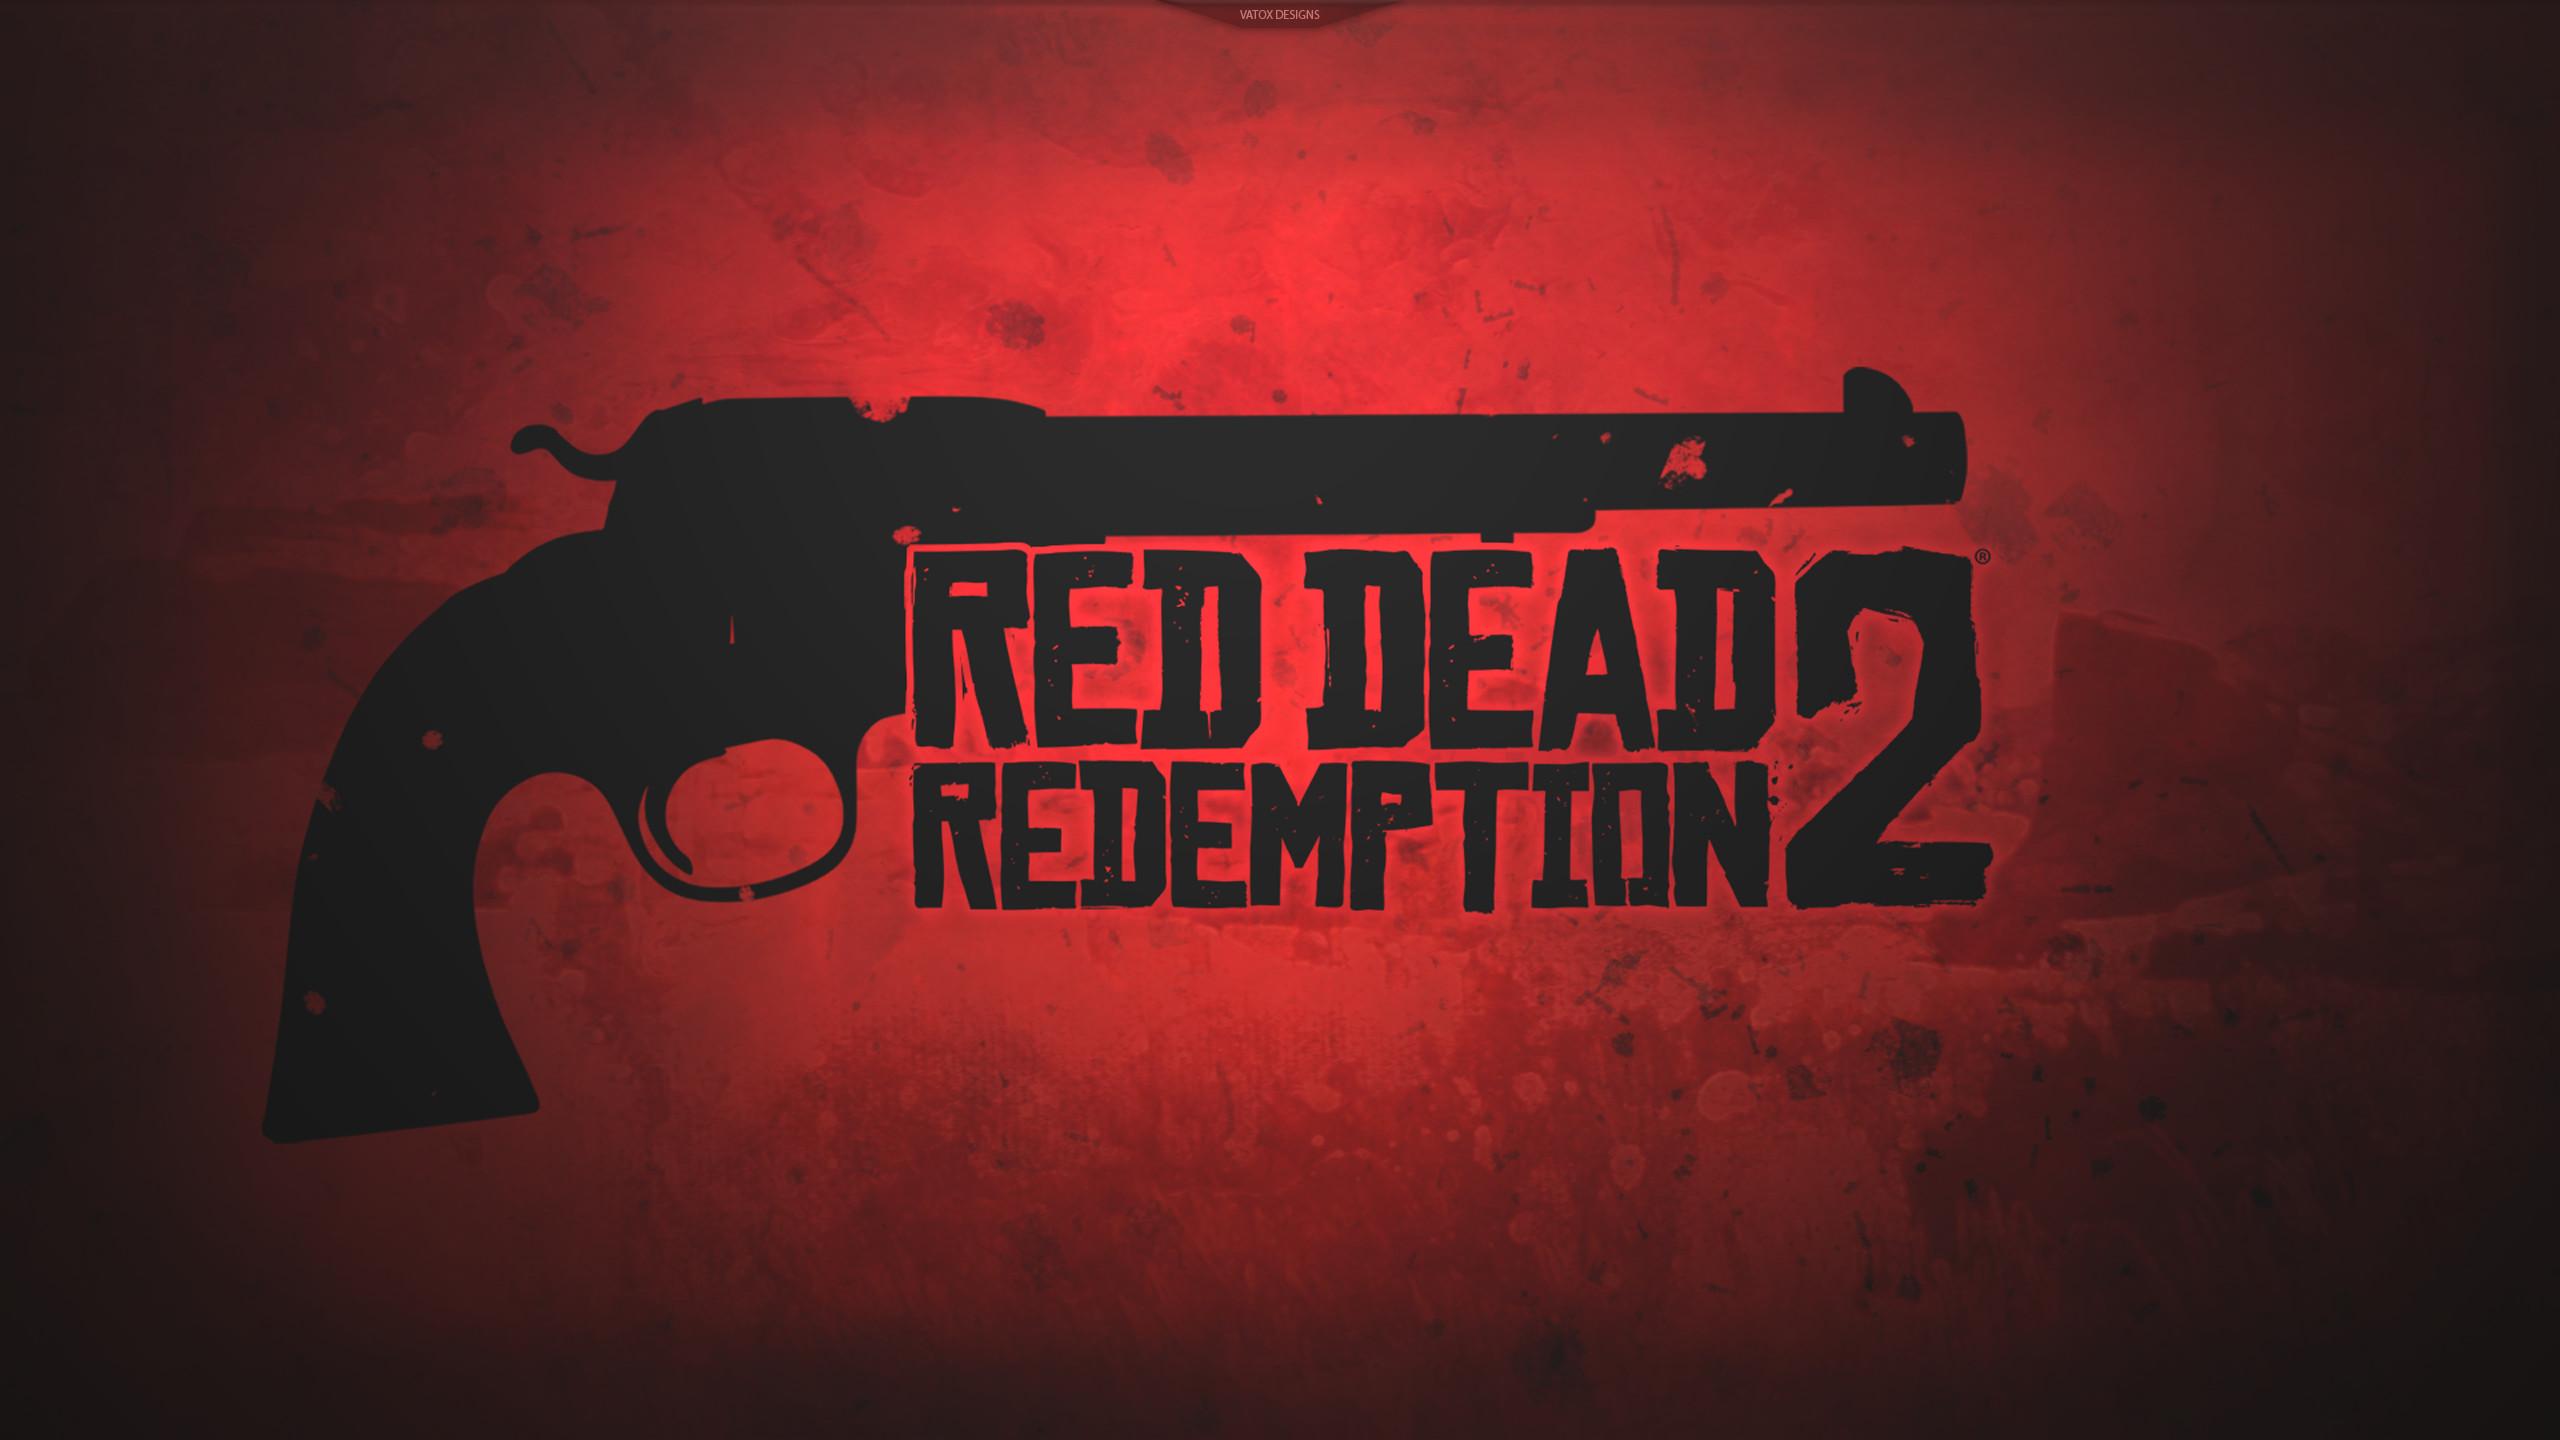 Red Dead Redemption 2 1440p Wallpaper Fan-Made